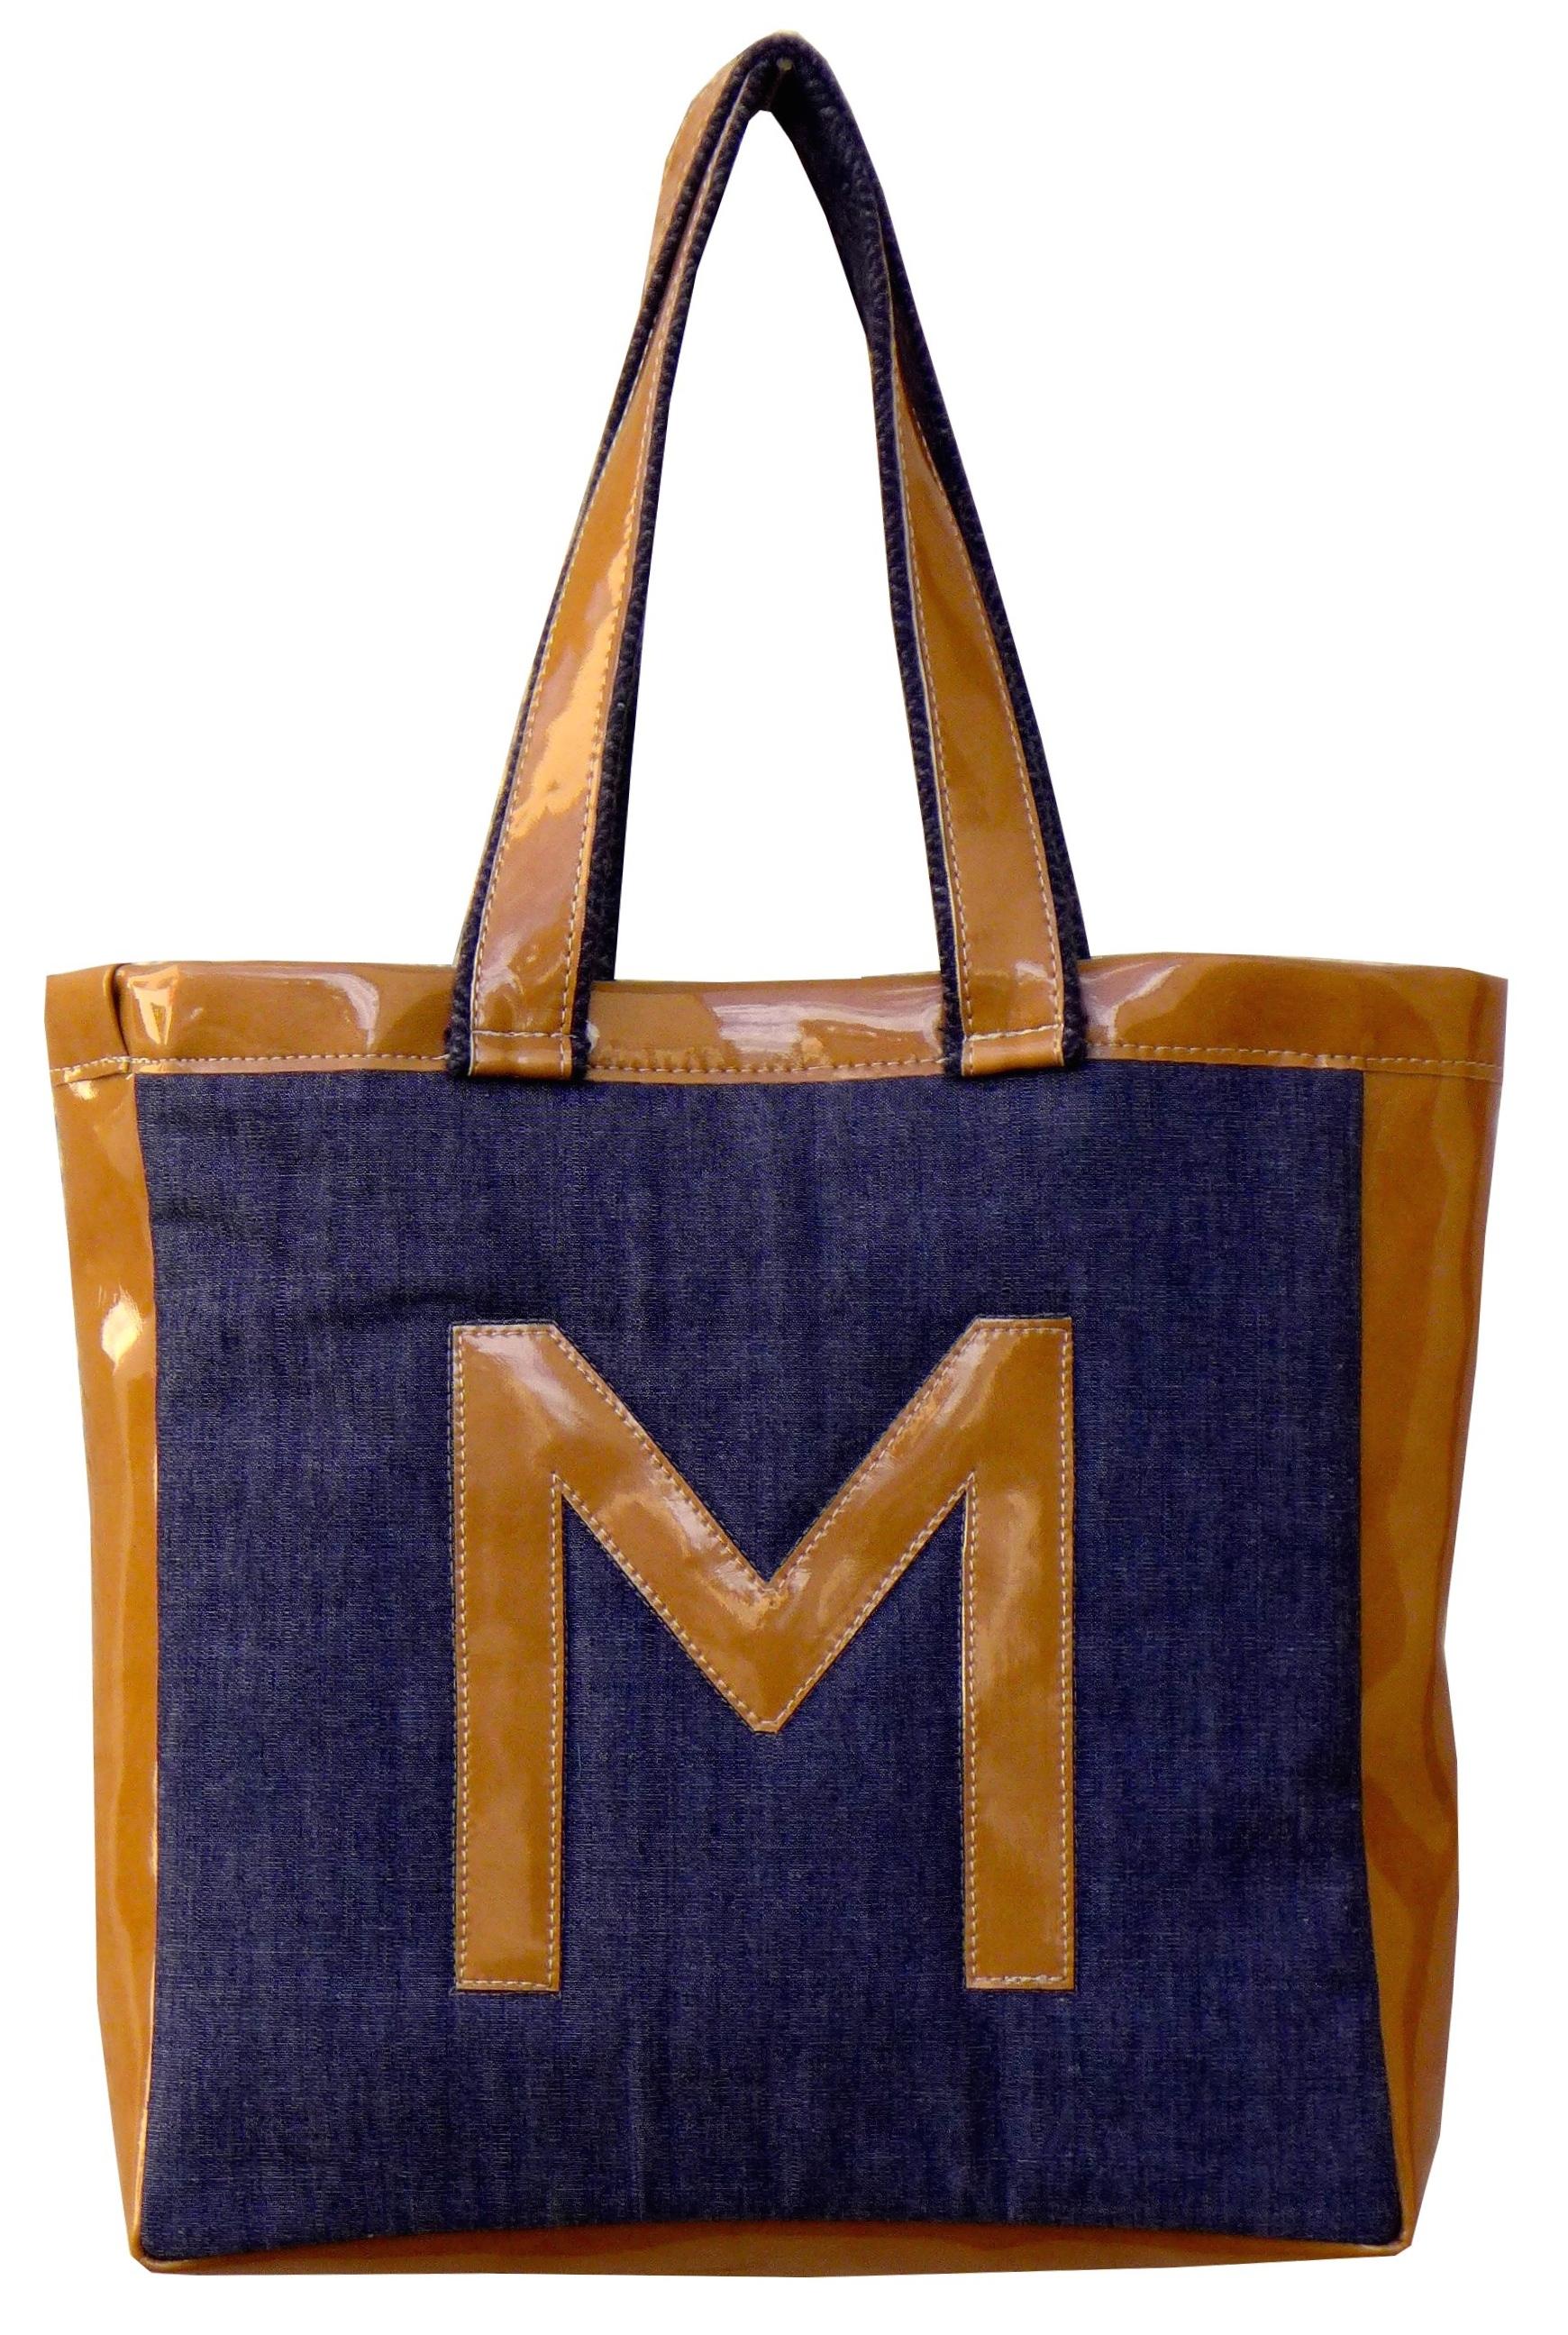 Damentasche mit Monogramm